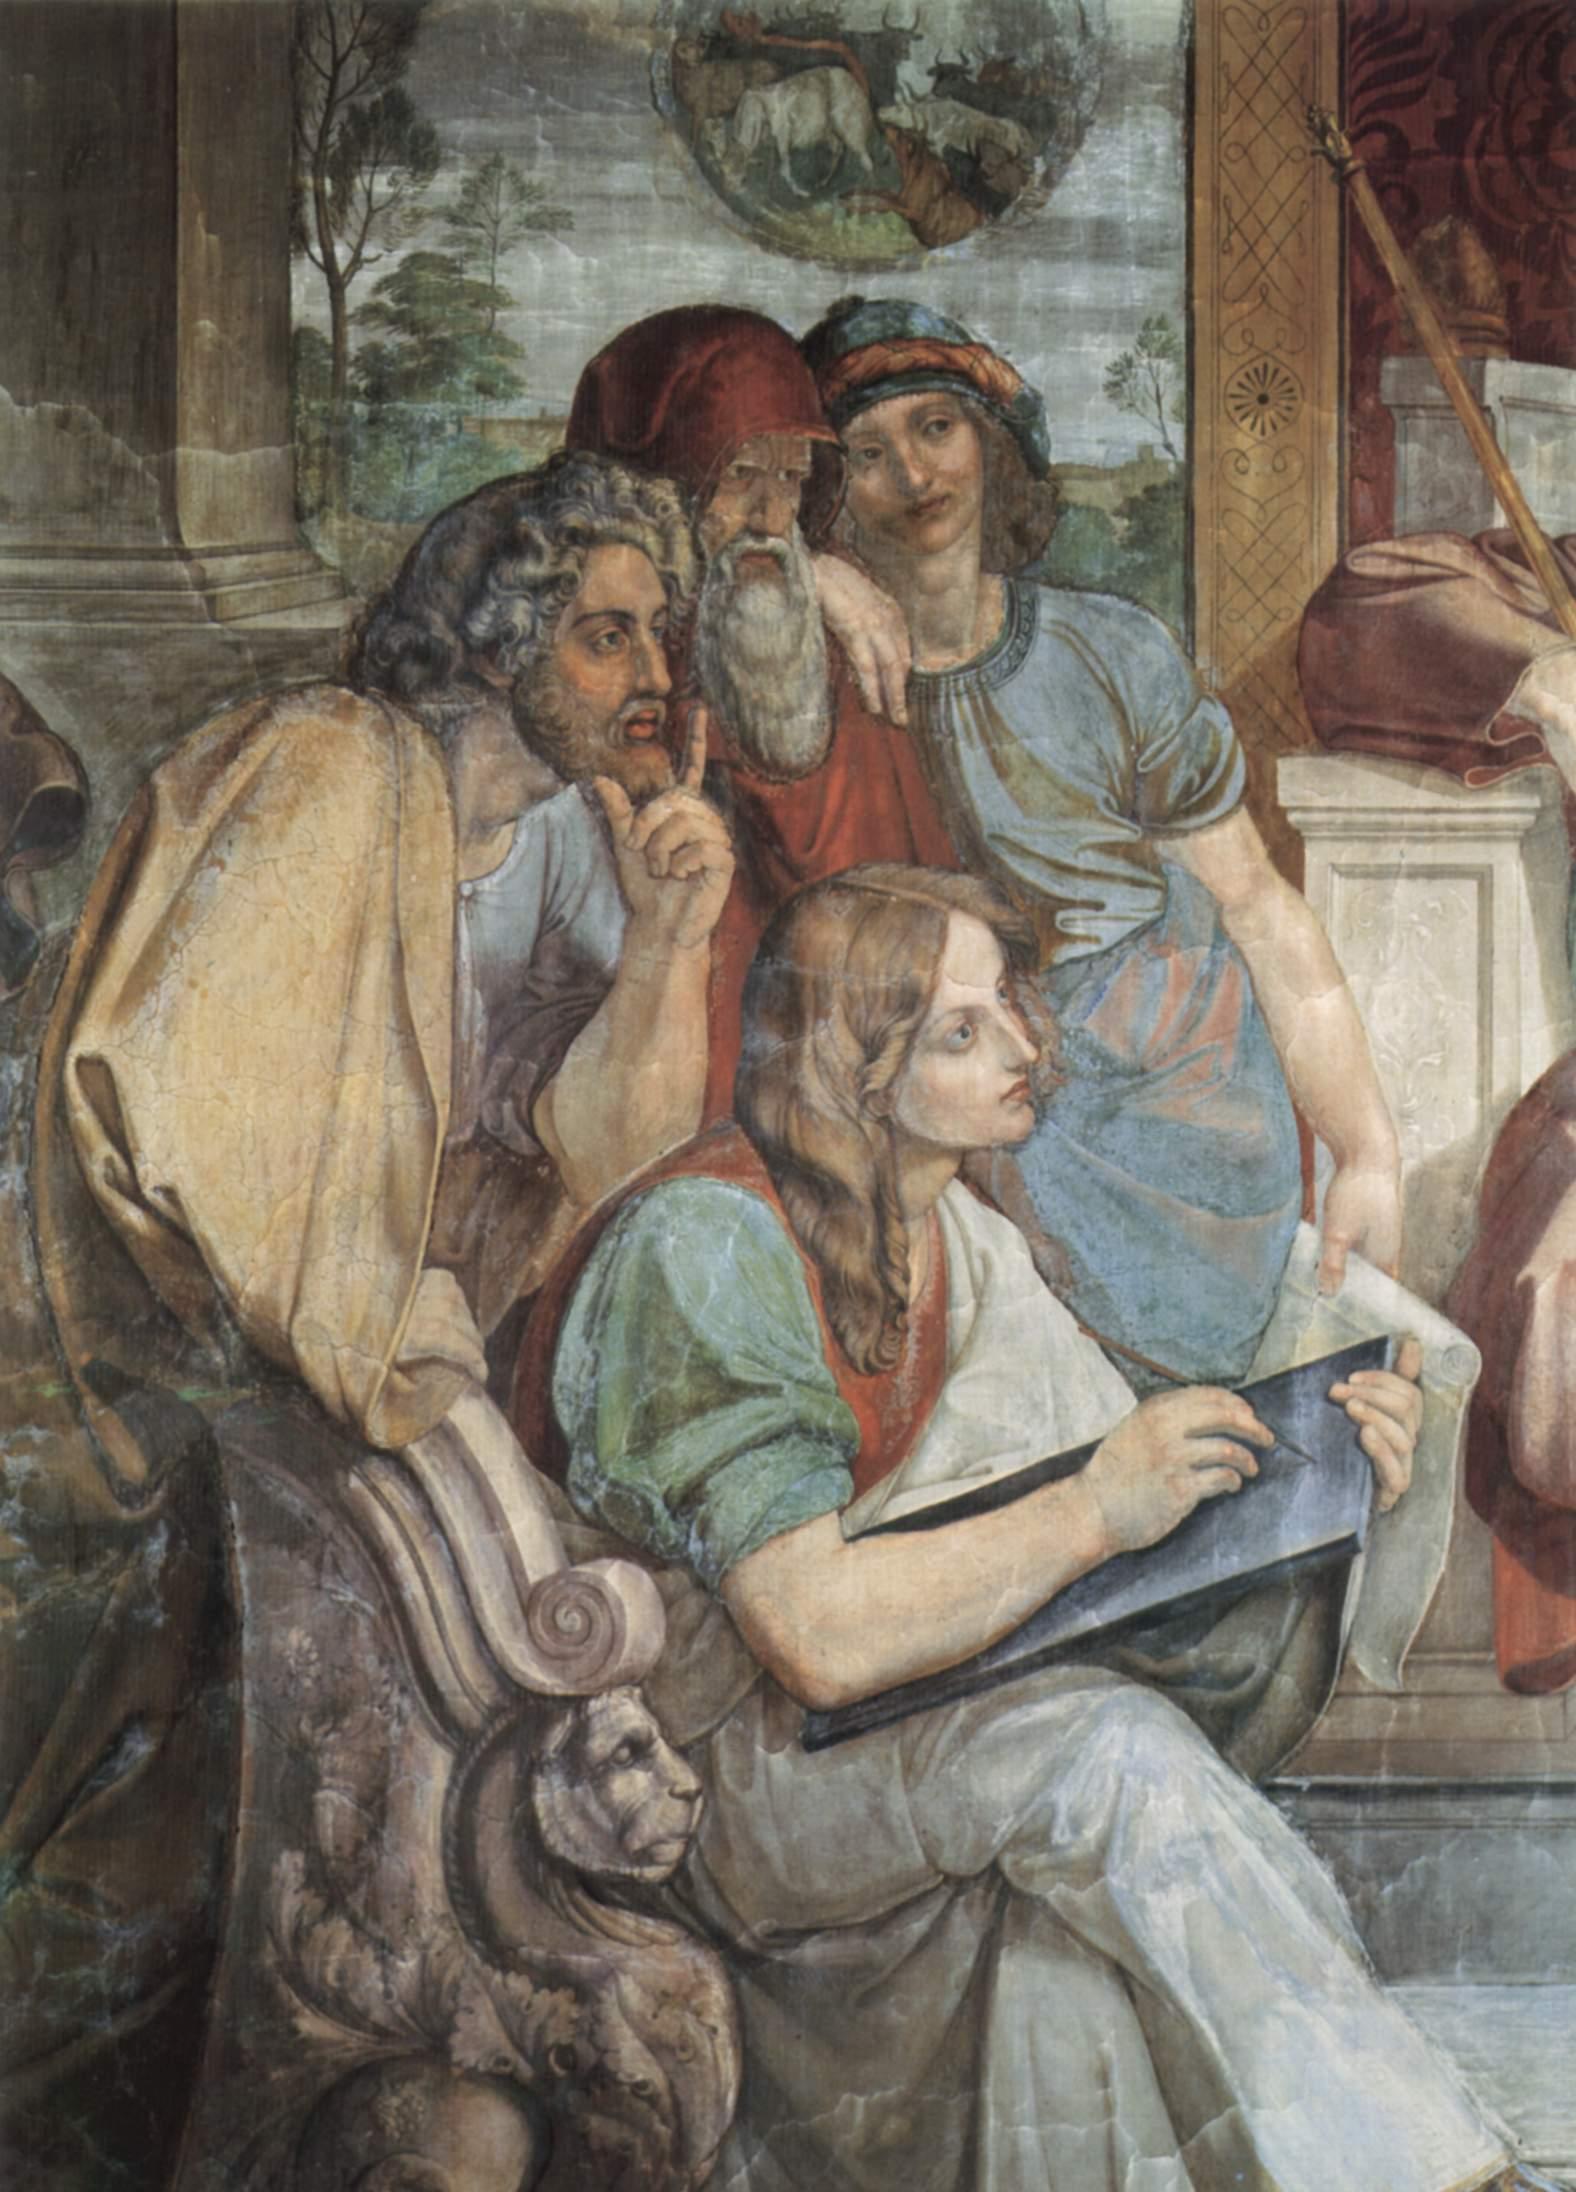 Фрески Каза Бартольди в Риме. Иосиф истолковывает сны фараона. Деталь, Петер фон Корнелиус